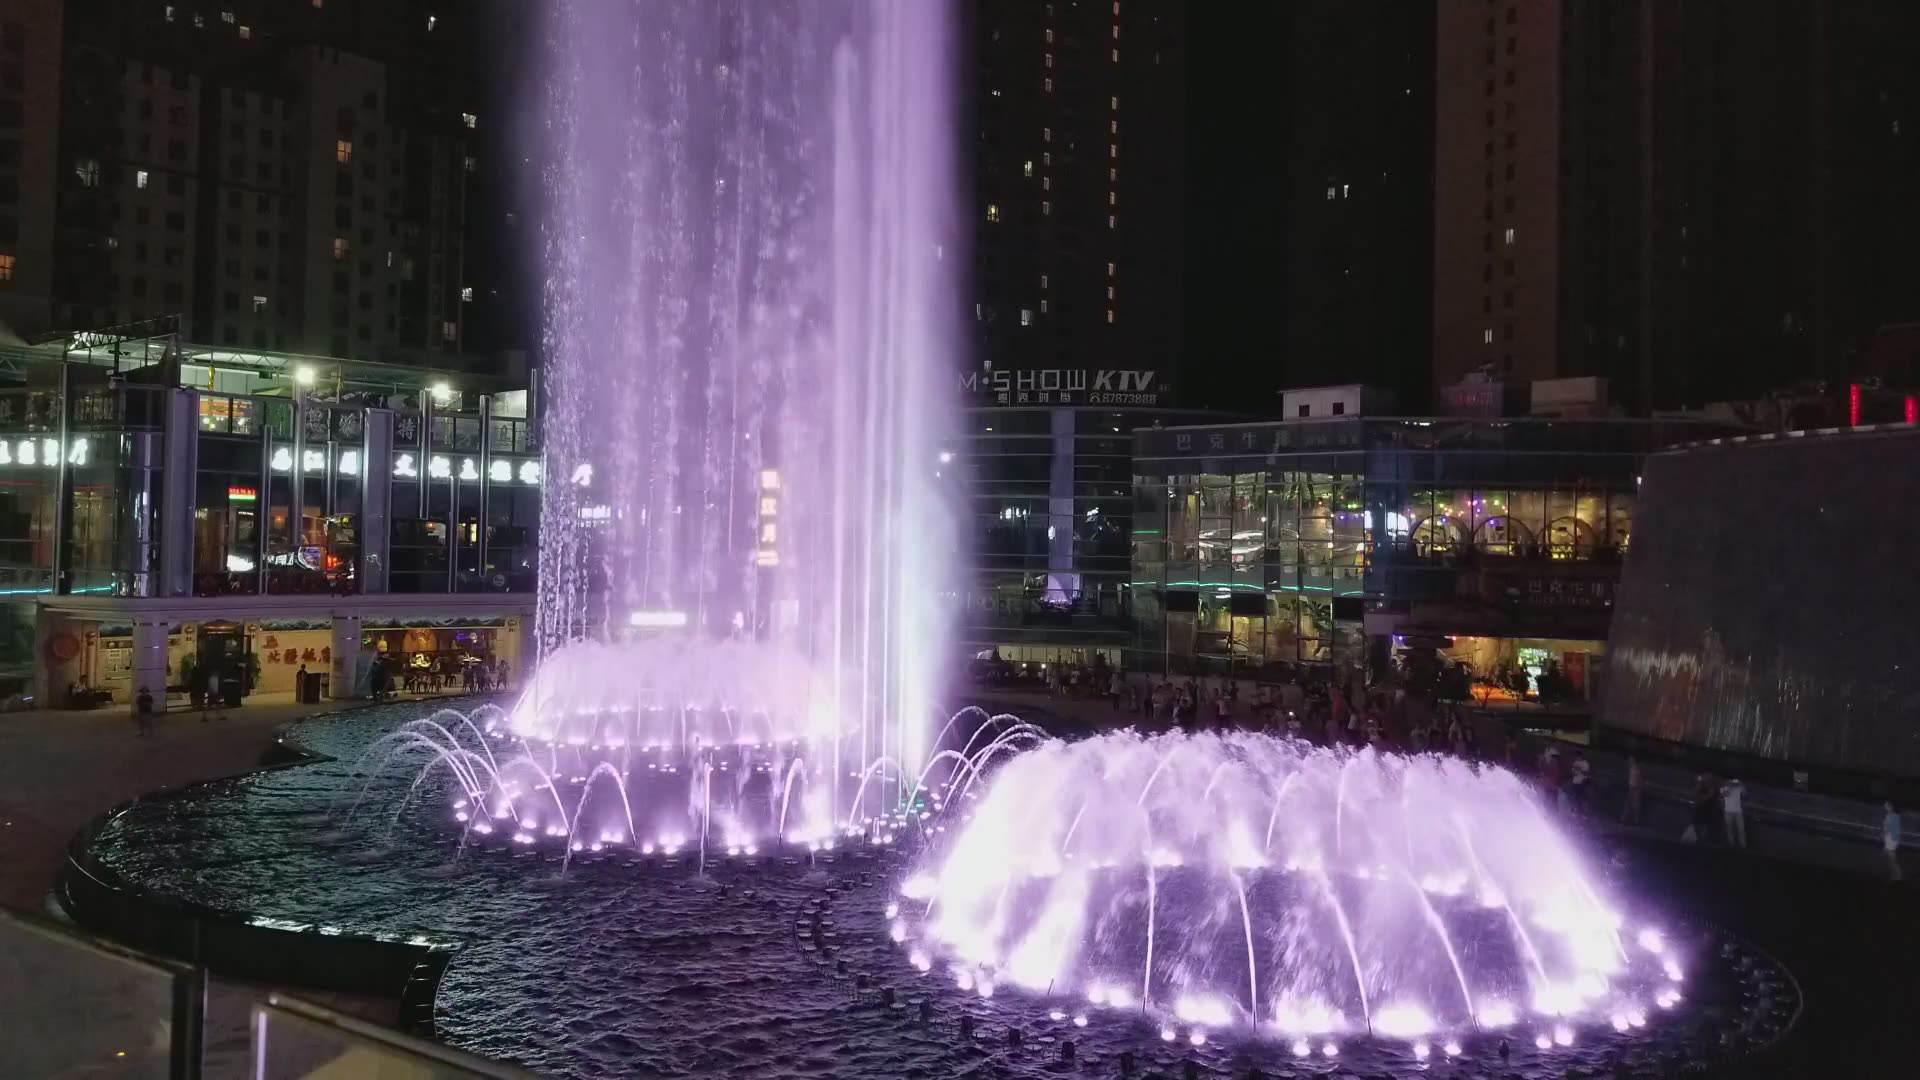 点进来|四川互动喷泉厂家告诉你全球极具创意性的互动喷泉有哪些?**颠覆你的想象